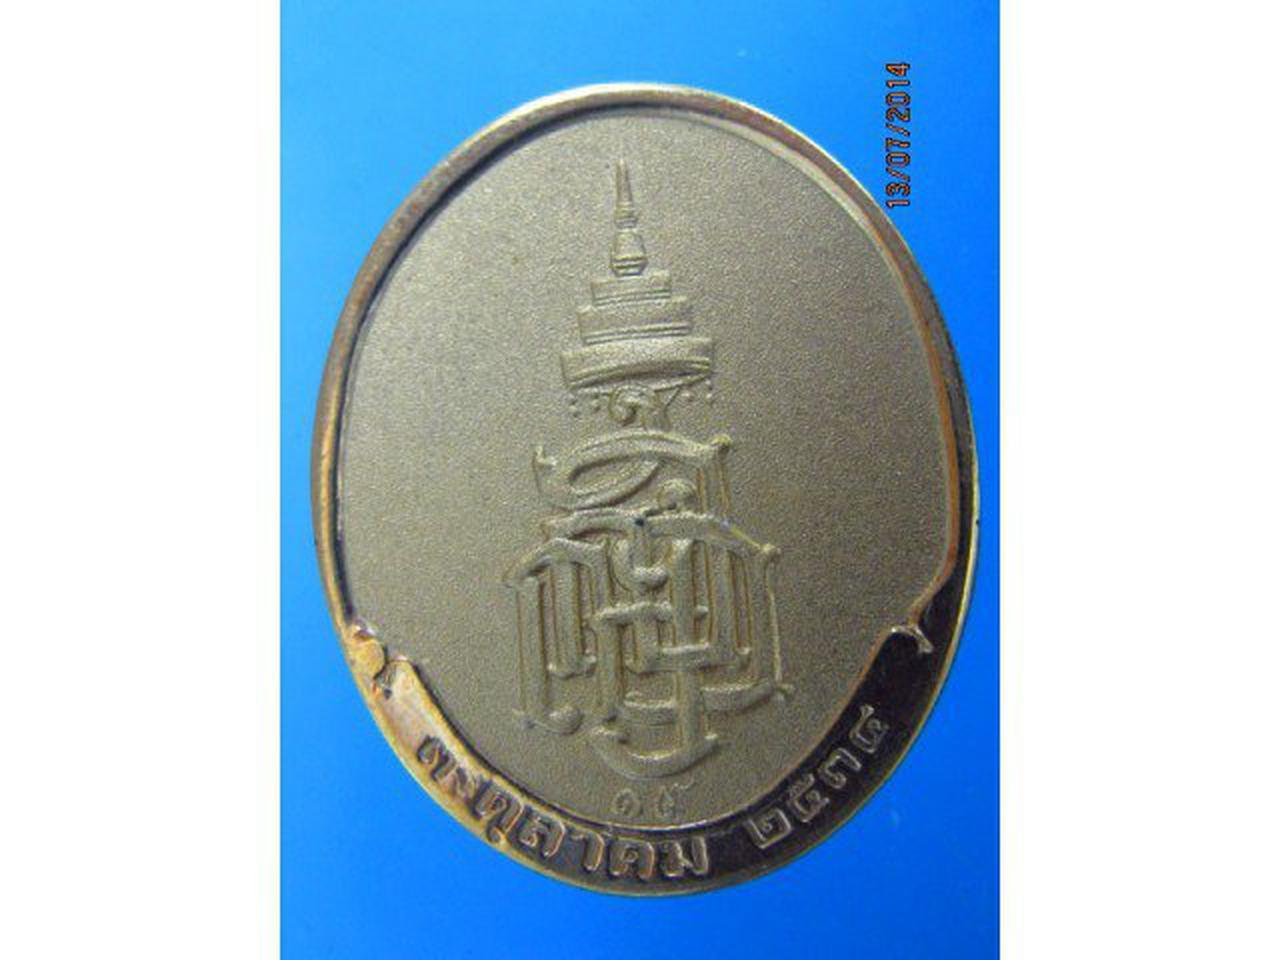 - เหรียญสมเด็จพระสังฆราช วัดบวรฯ เนื้อพ่นหรายกะไหล่ทอง ปี 25 รูปที่ 1